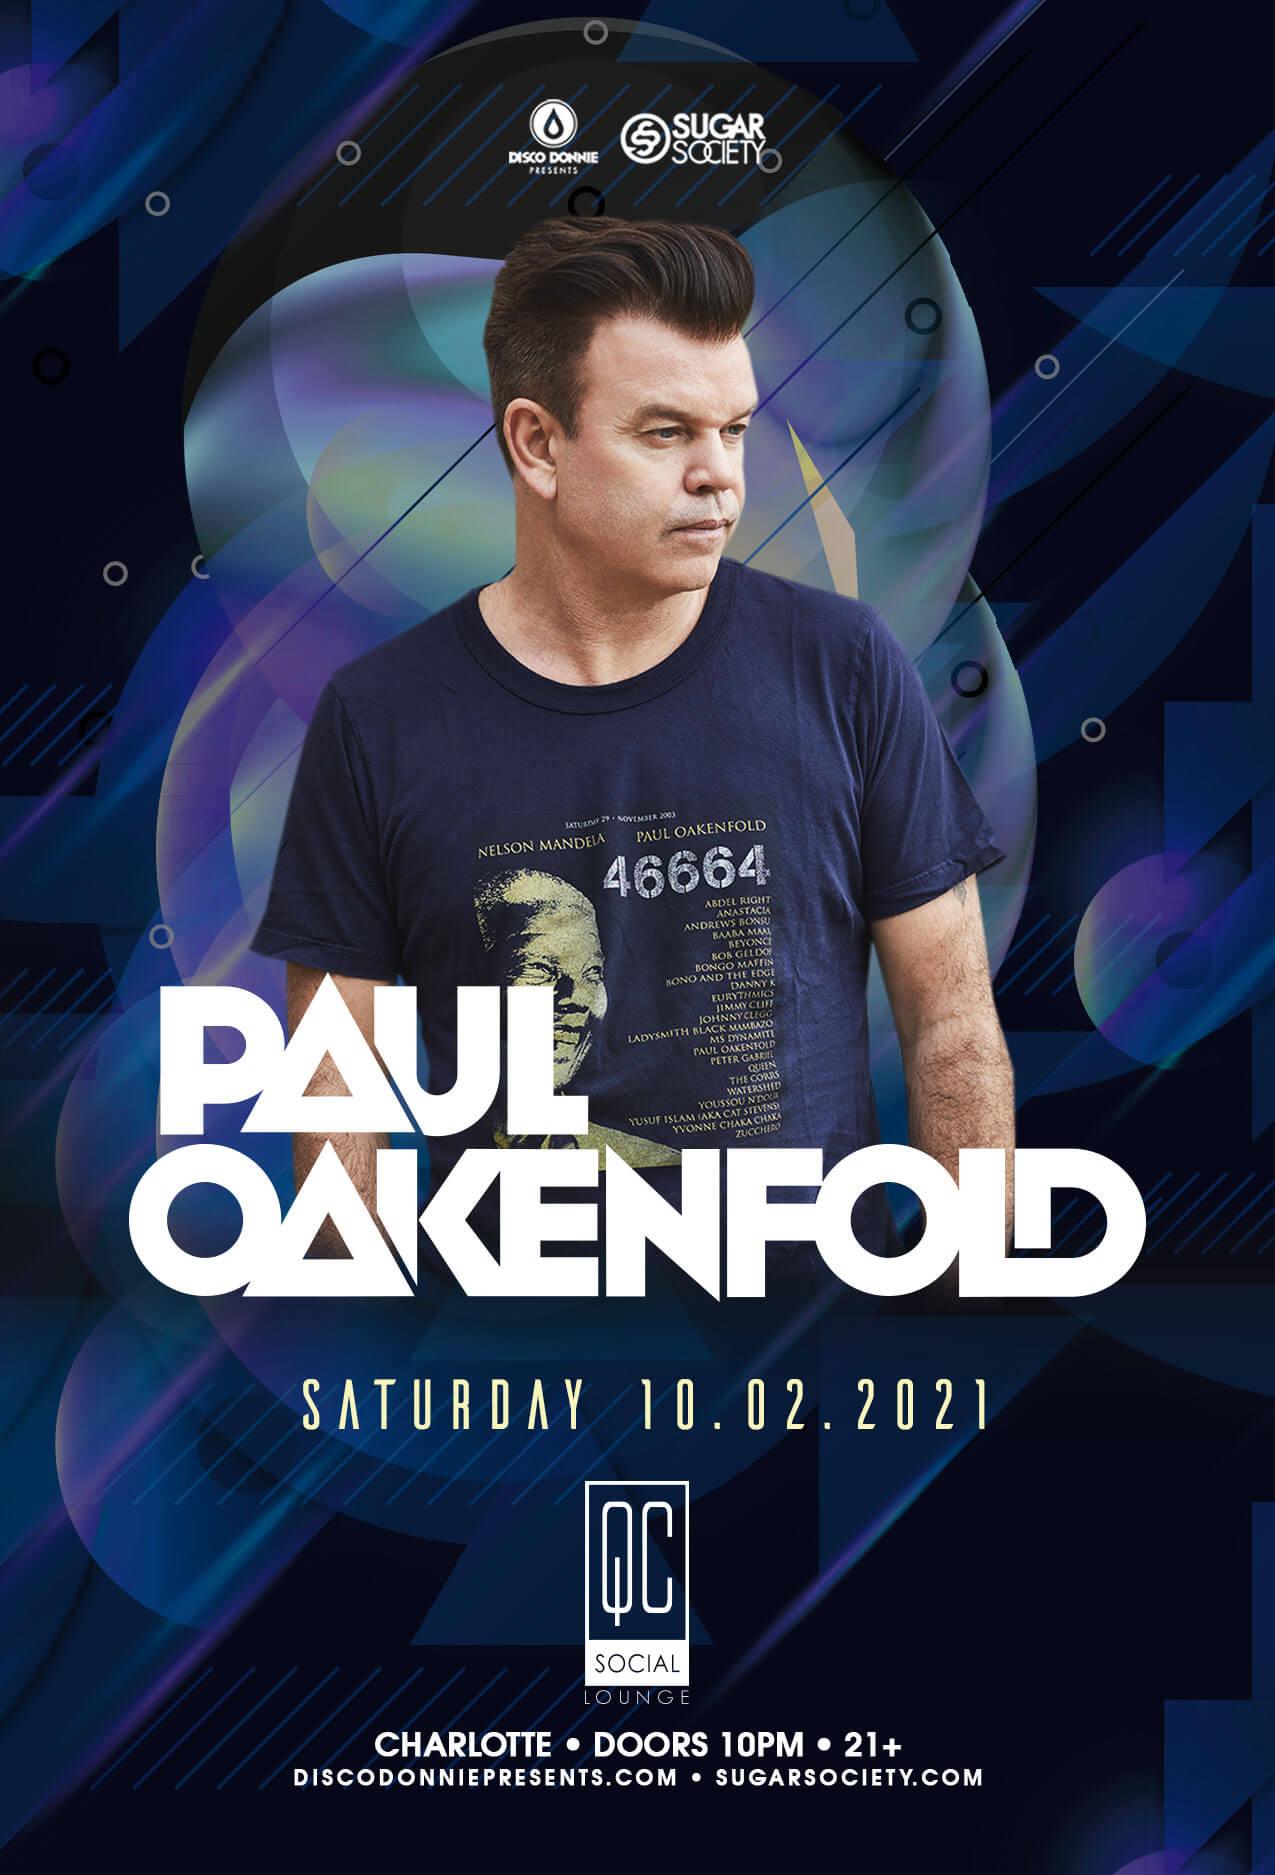 Paul Oakenfold in Charlotte